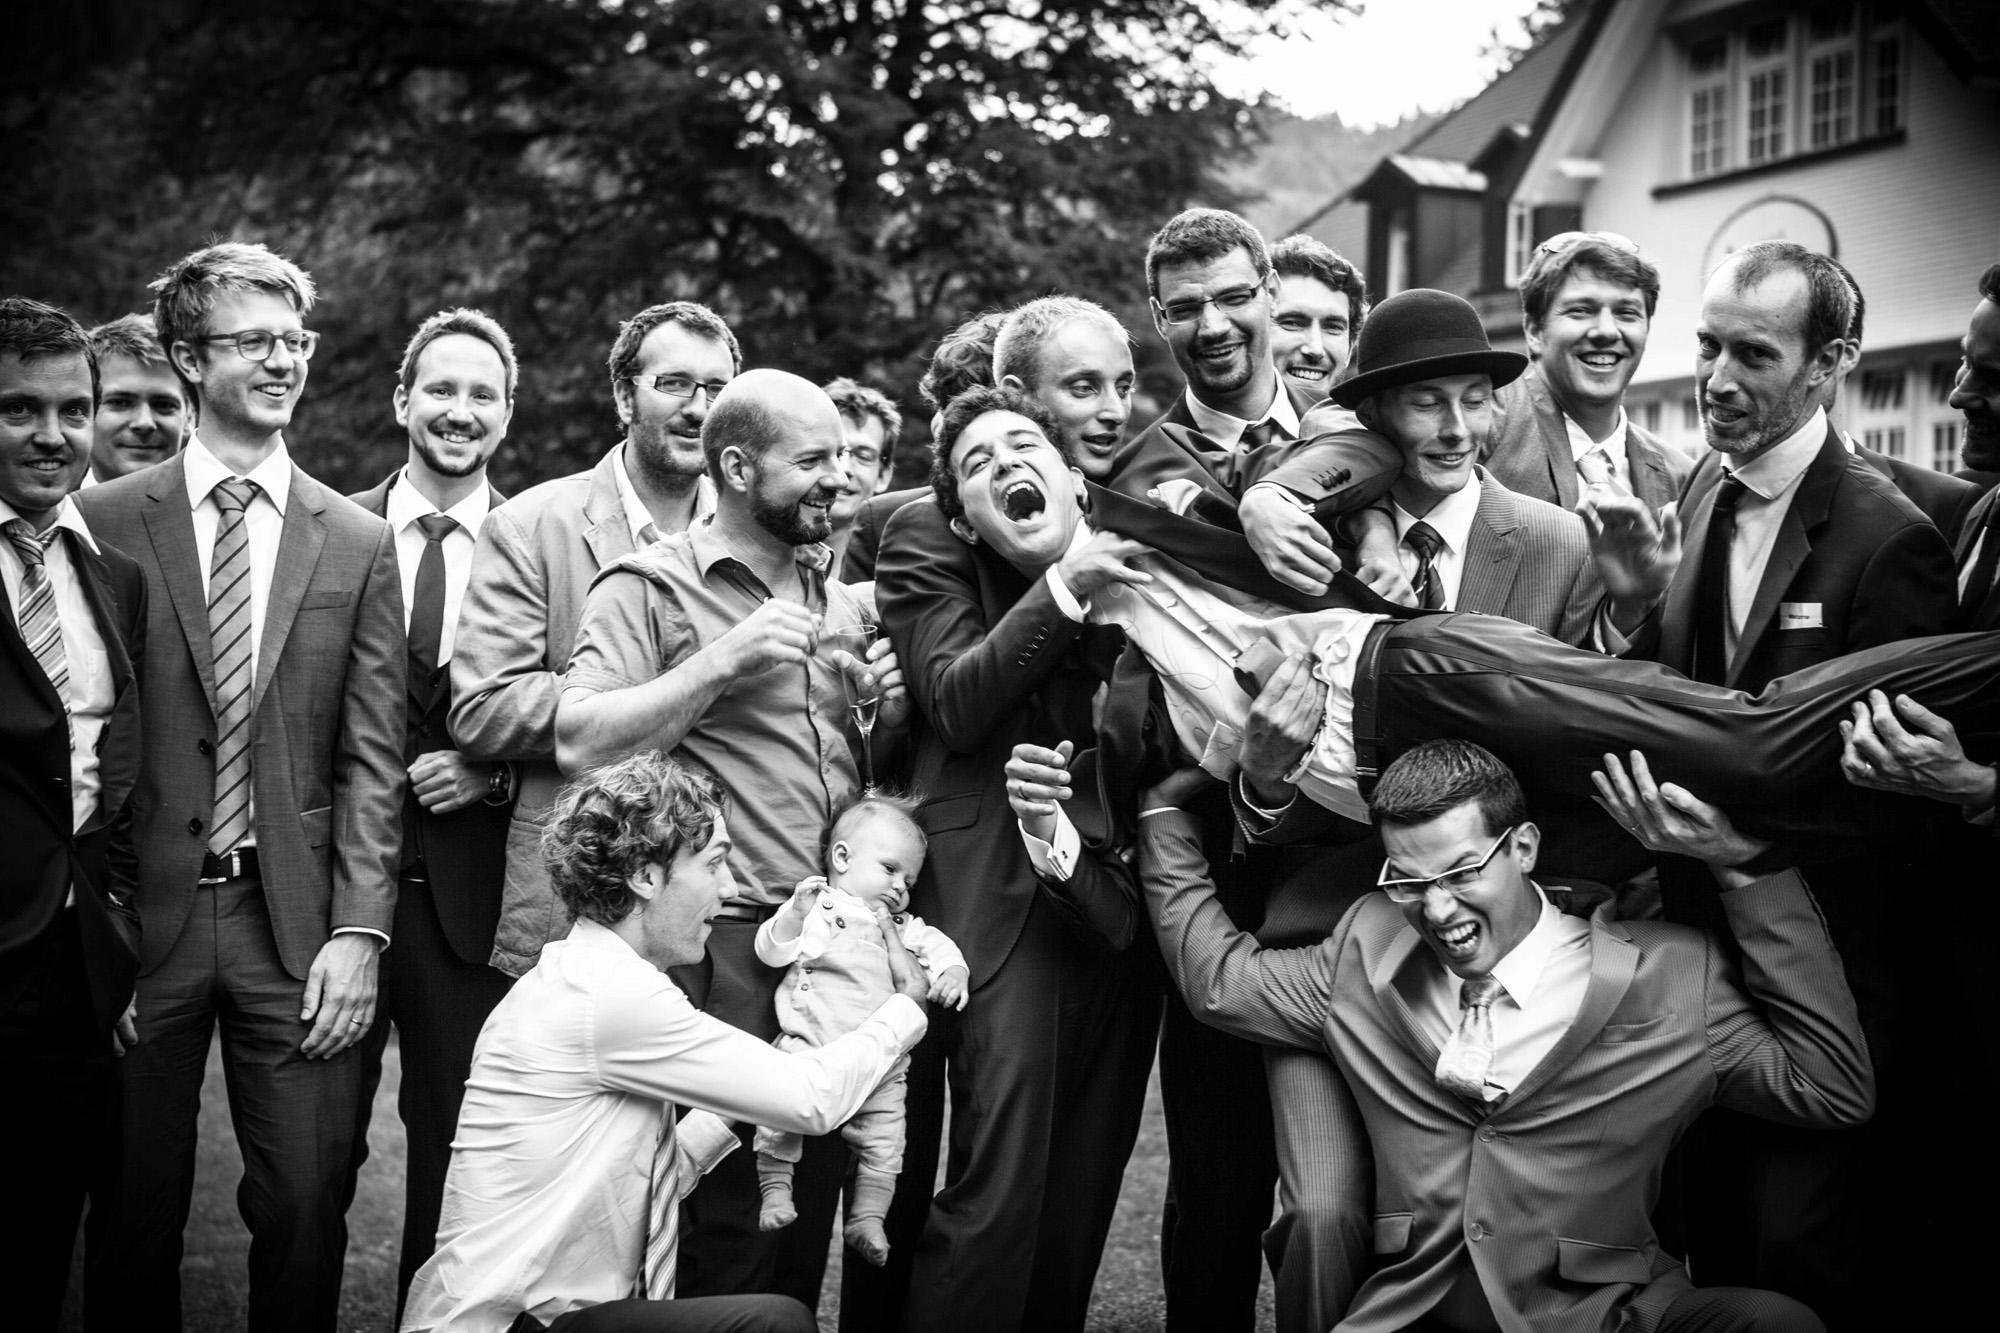 Hochzeitsfotografie - schwarz-weiß alle Männer